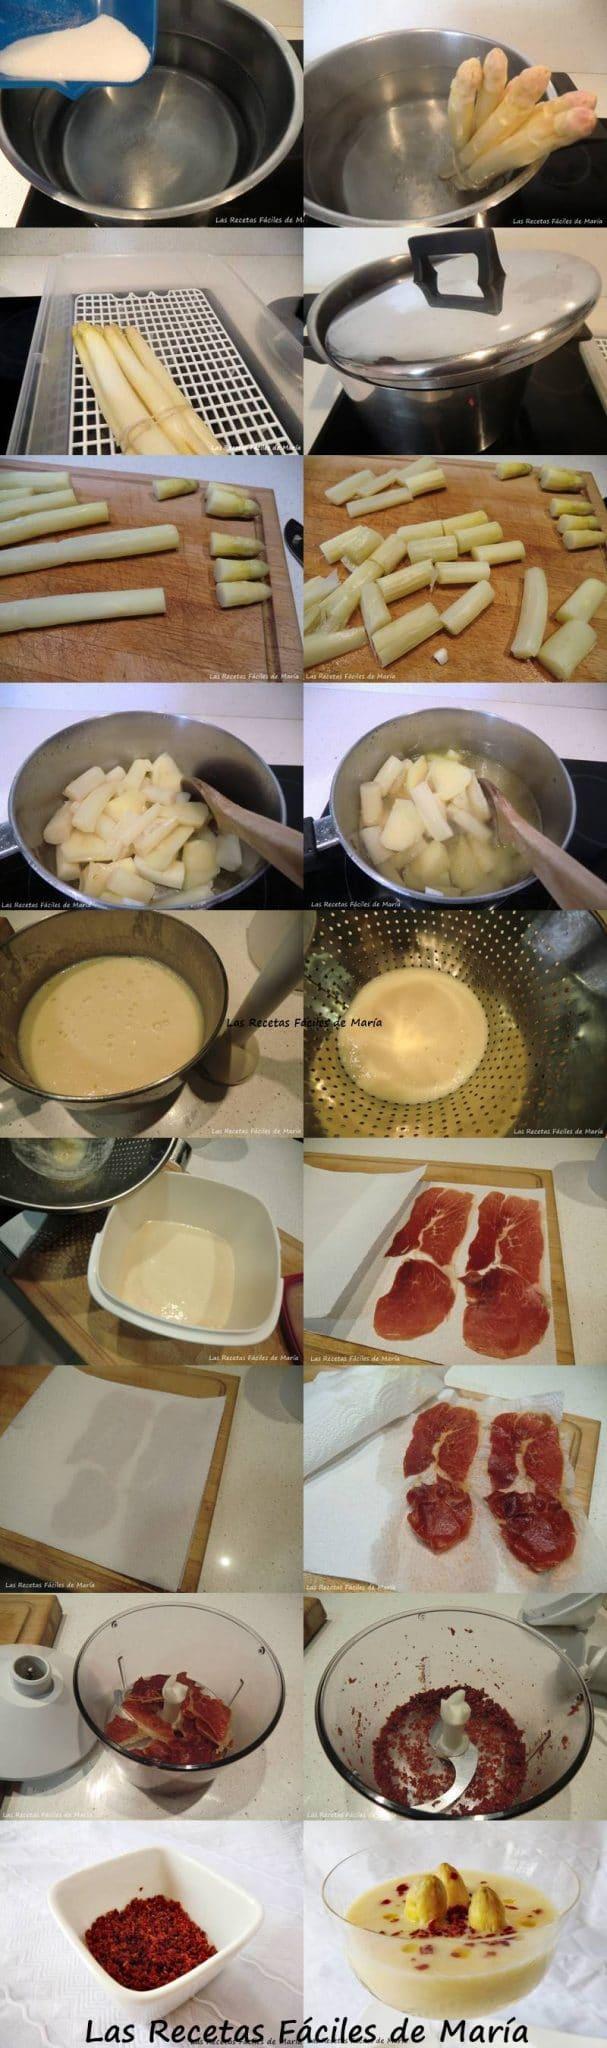 crema de espárragos naturales con polvo de jamón receta paso a paso